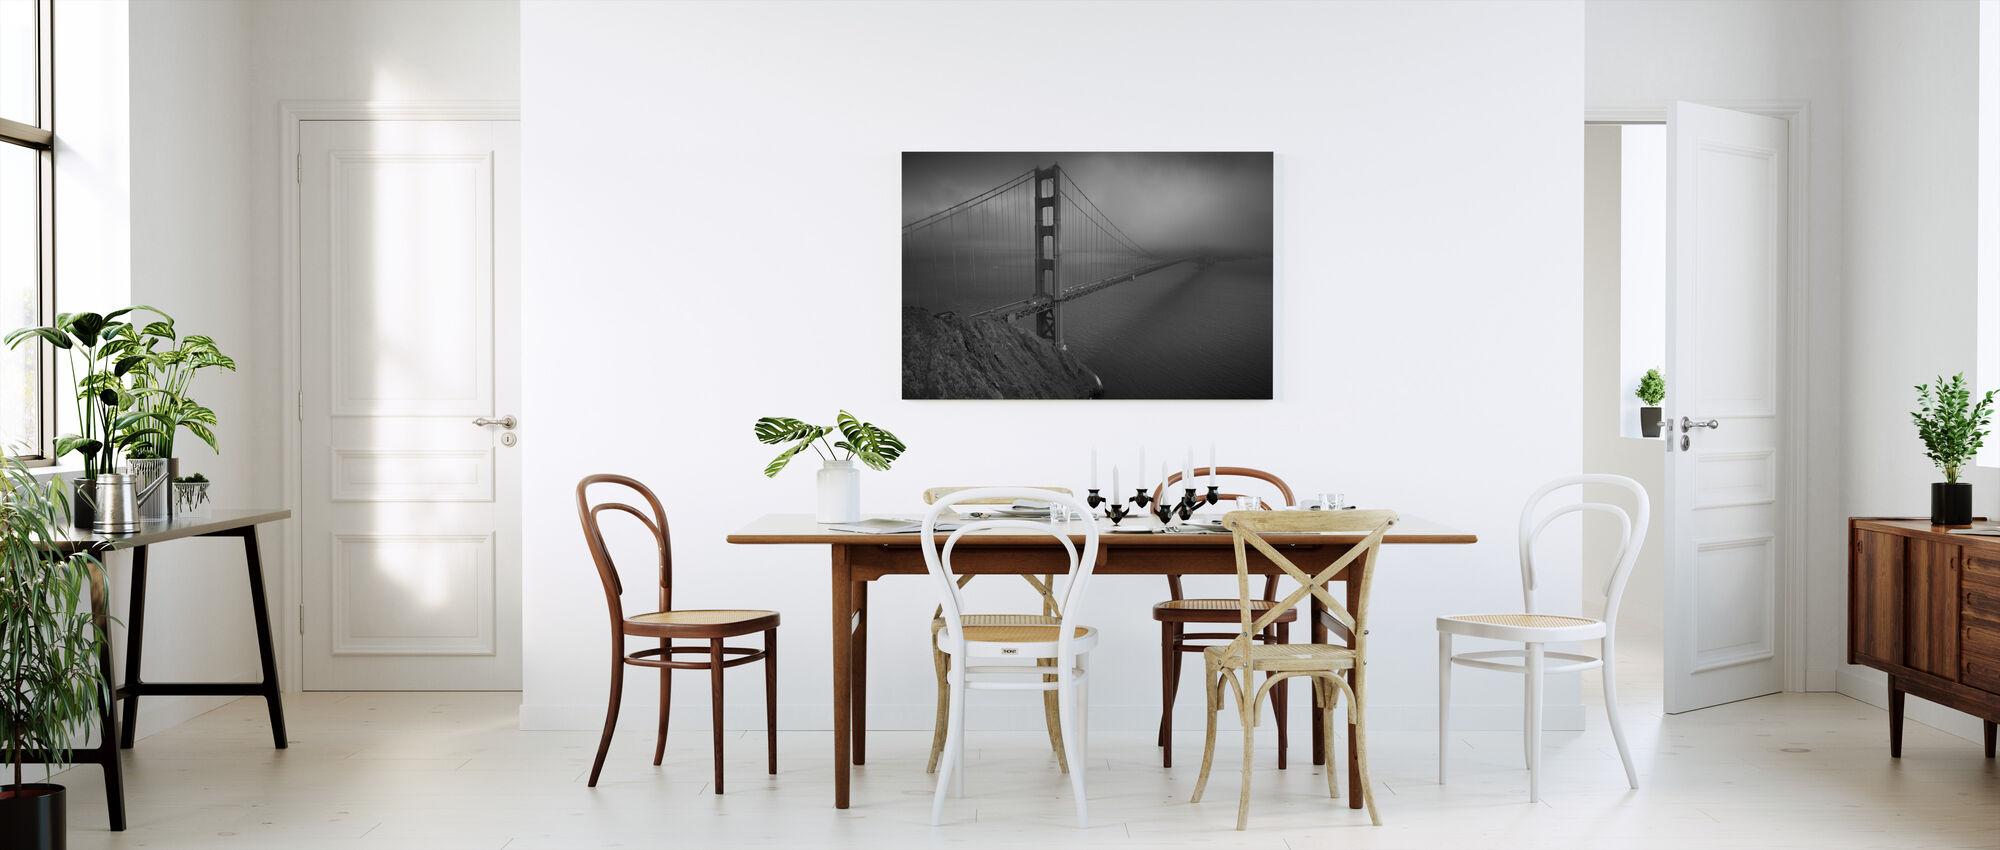 Golden Gate - b/w - Canvas print - Kitchen